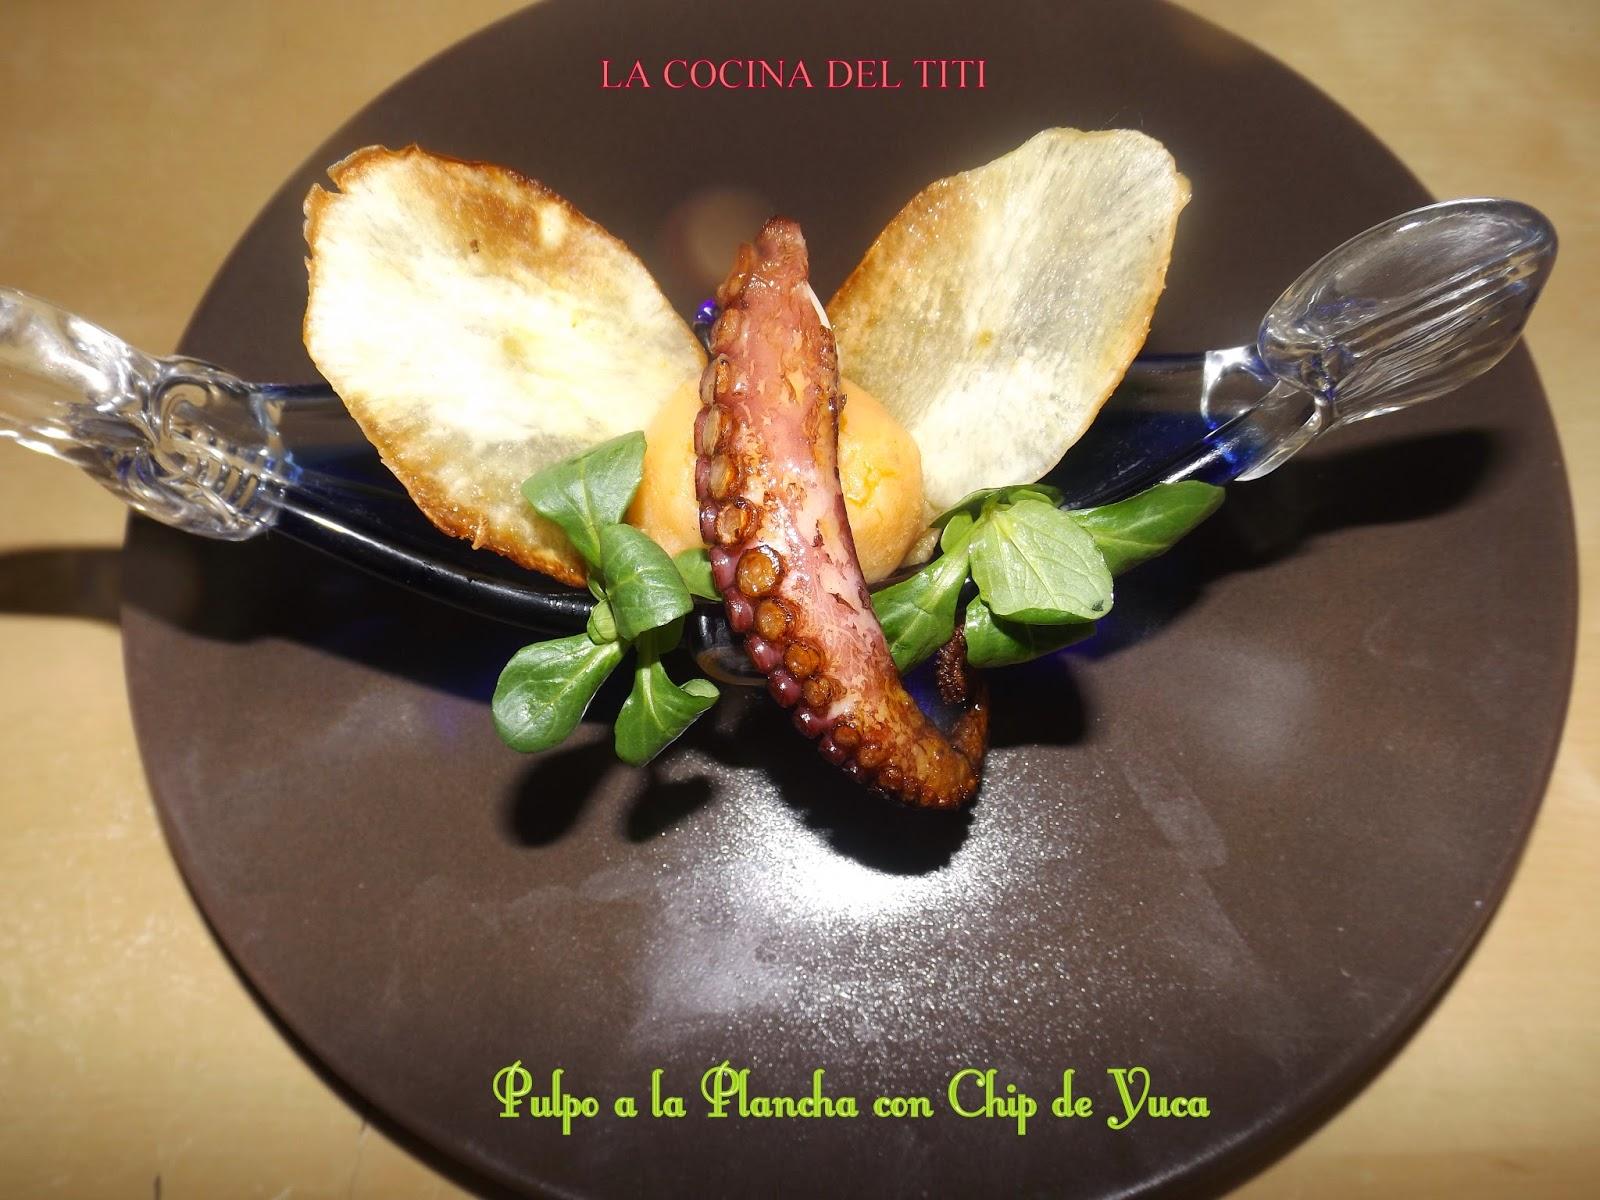 Pulpo a la plancha con chip de yuca la cocina del titi - Platos para sorprender ...